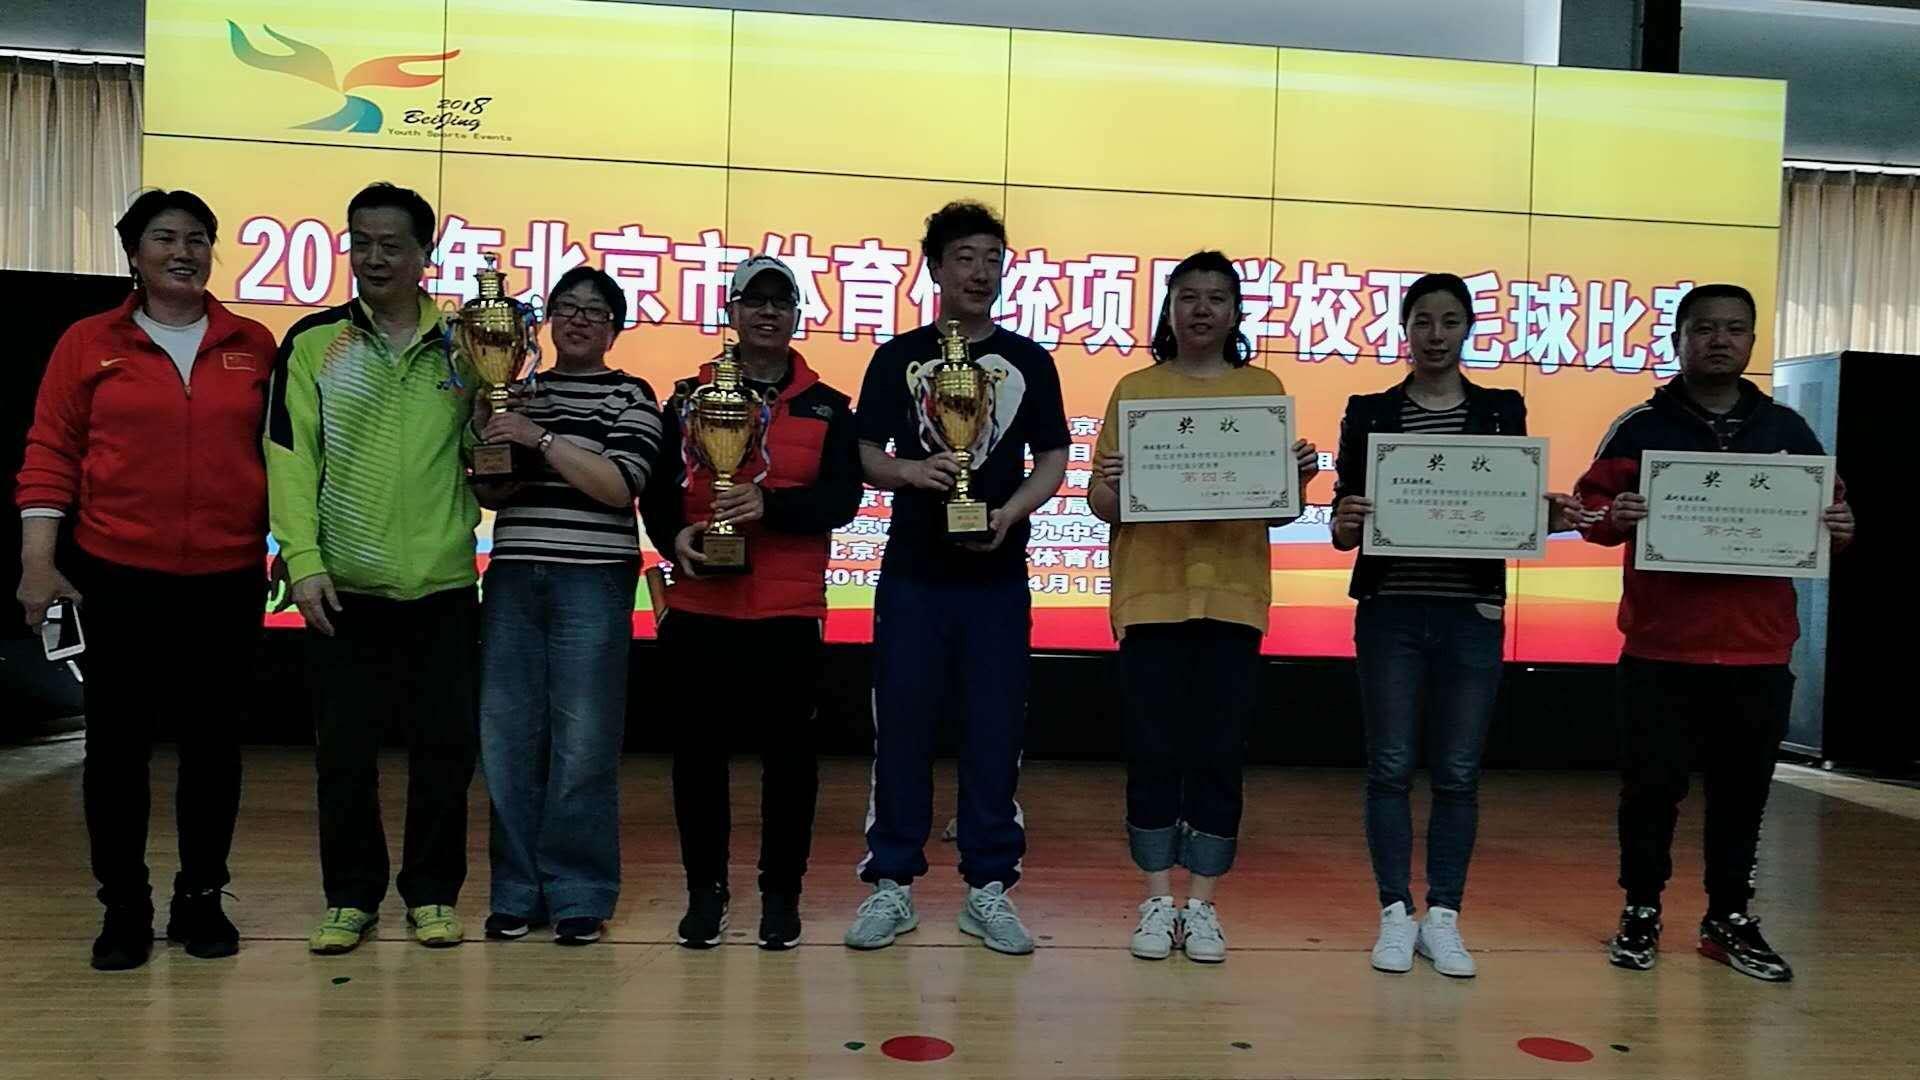 北京望京实验学校_北京市望京实验学校参加北京市体育传统项目羽毛球比赛-北京市